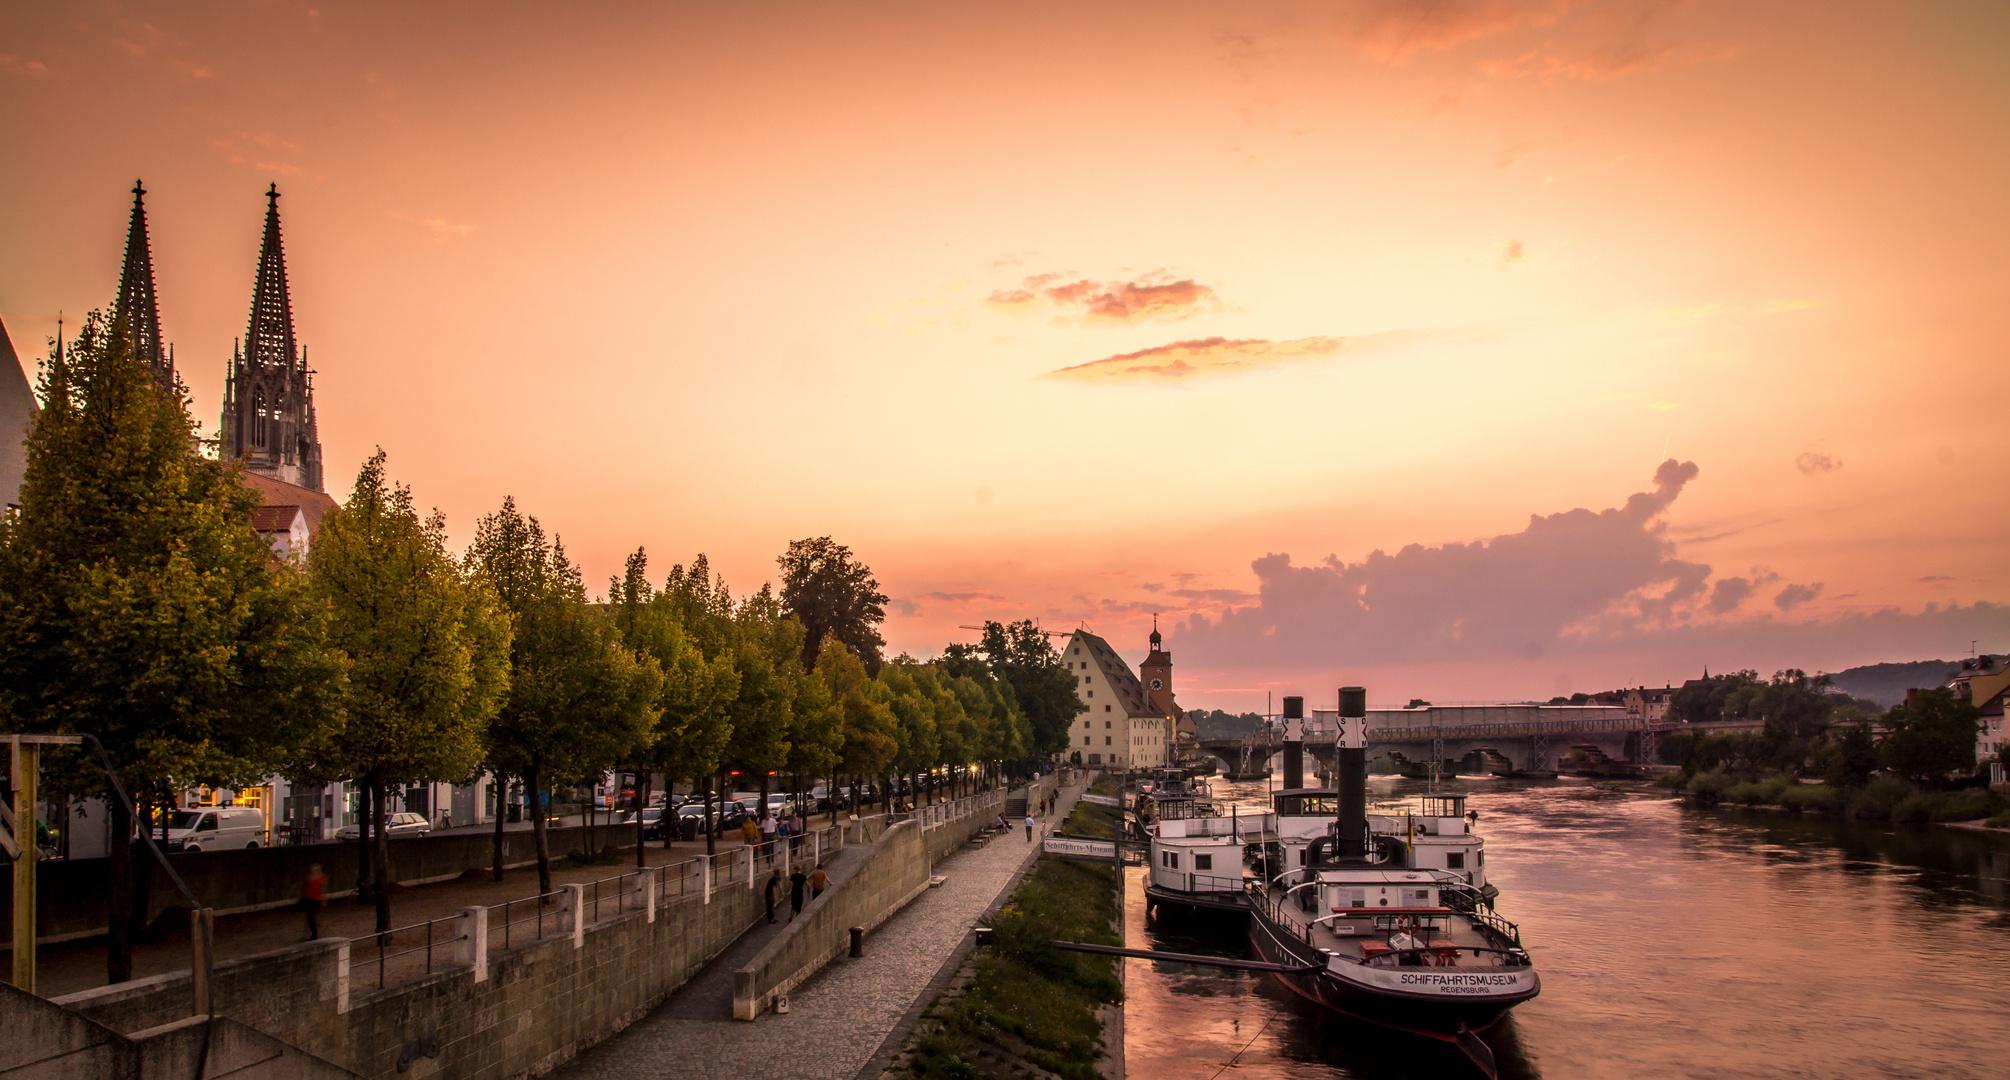 #Sunset Regensburg